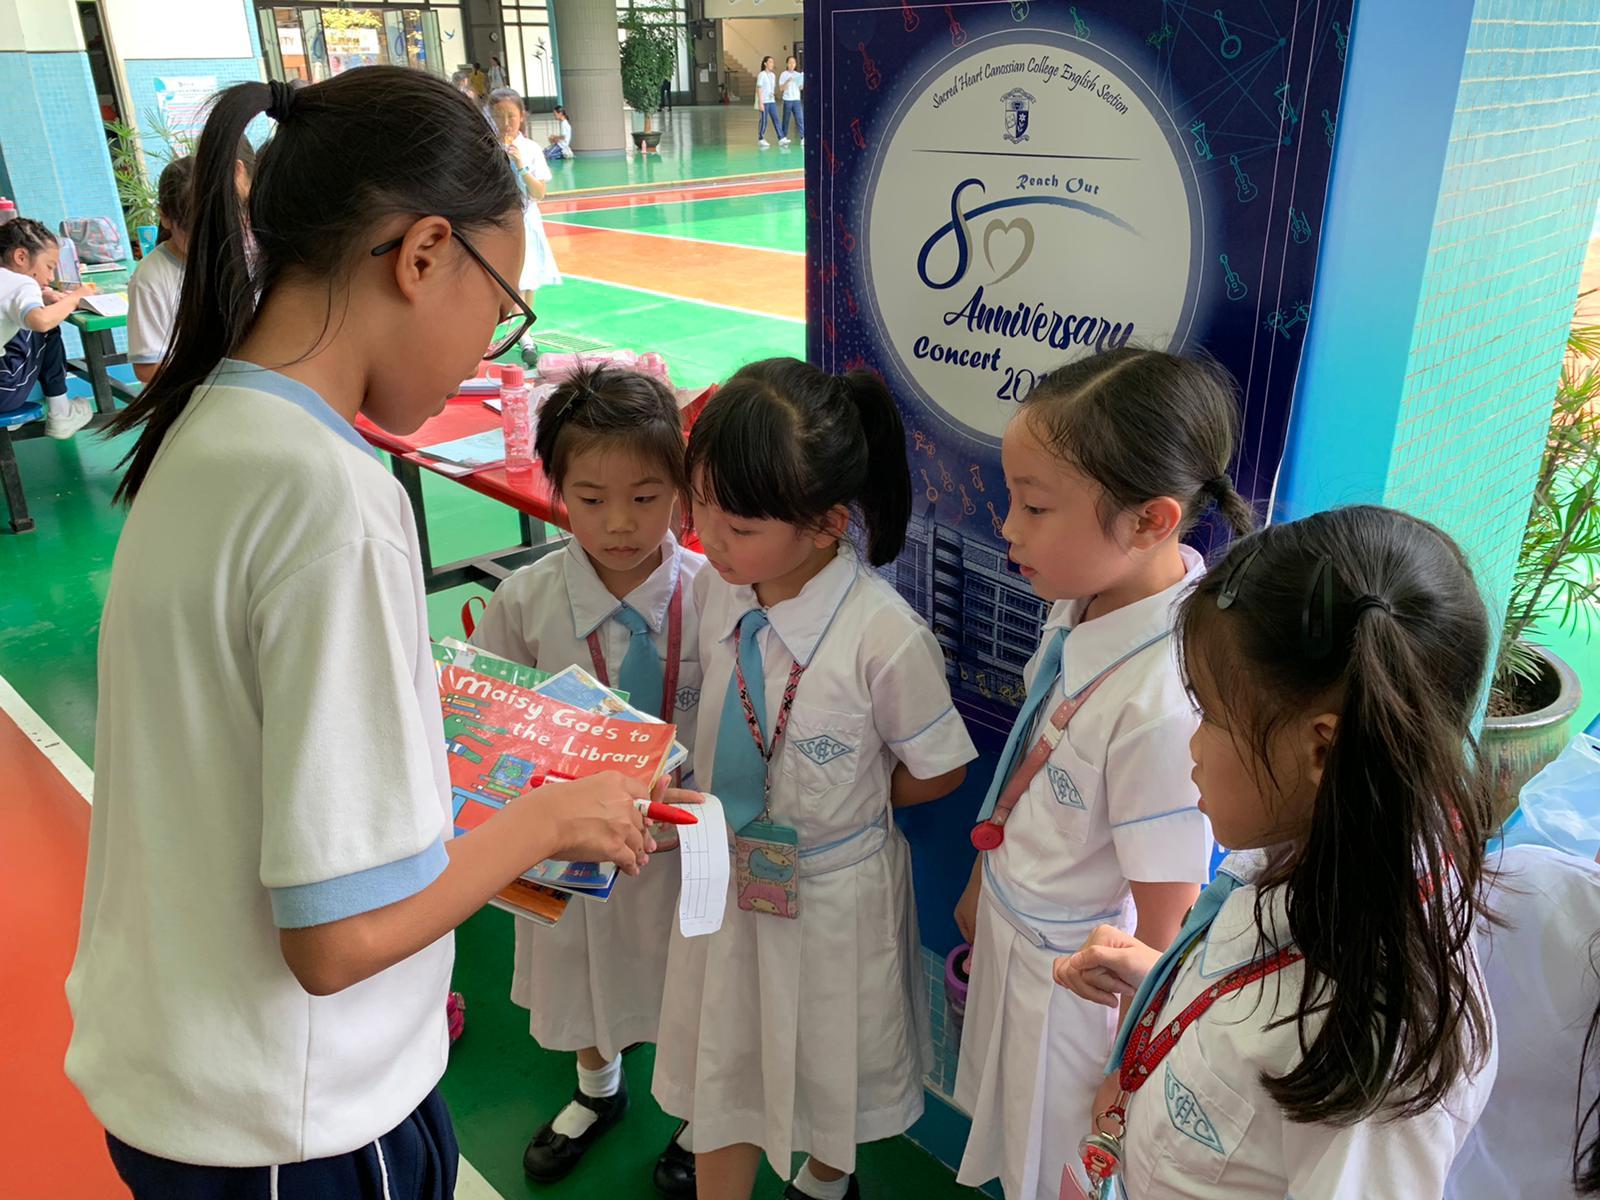 移動圖書館—高小的同學正在向初小同學推薦圖書